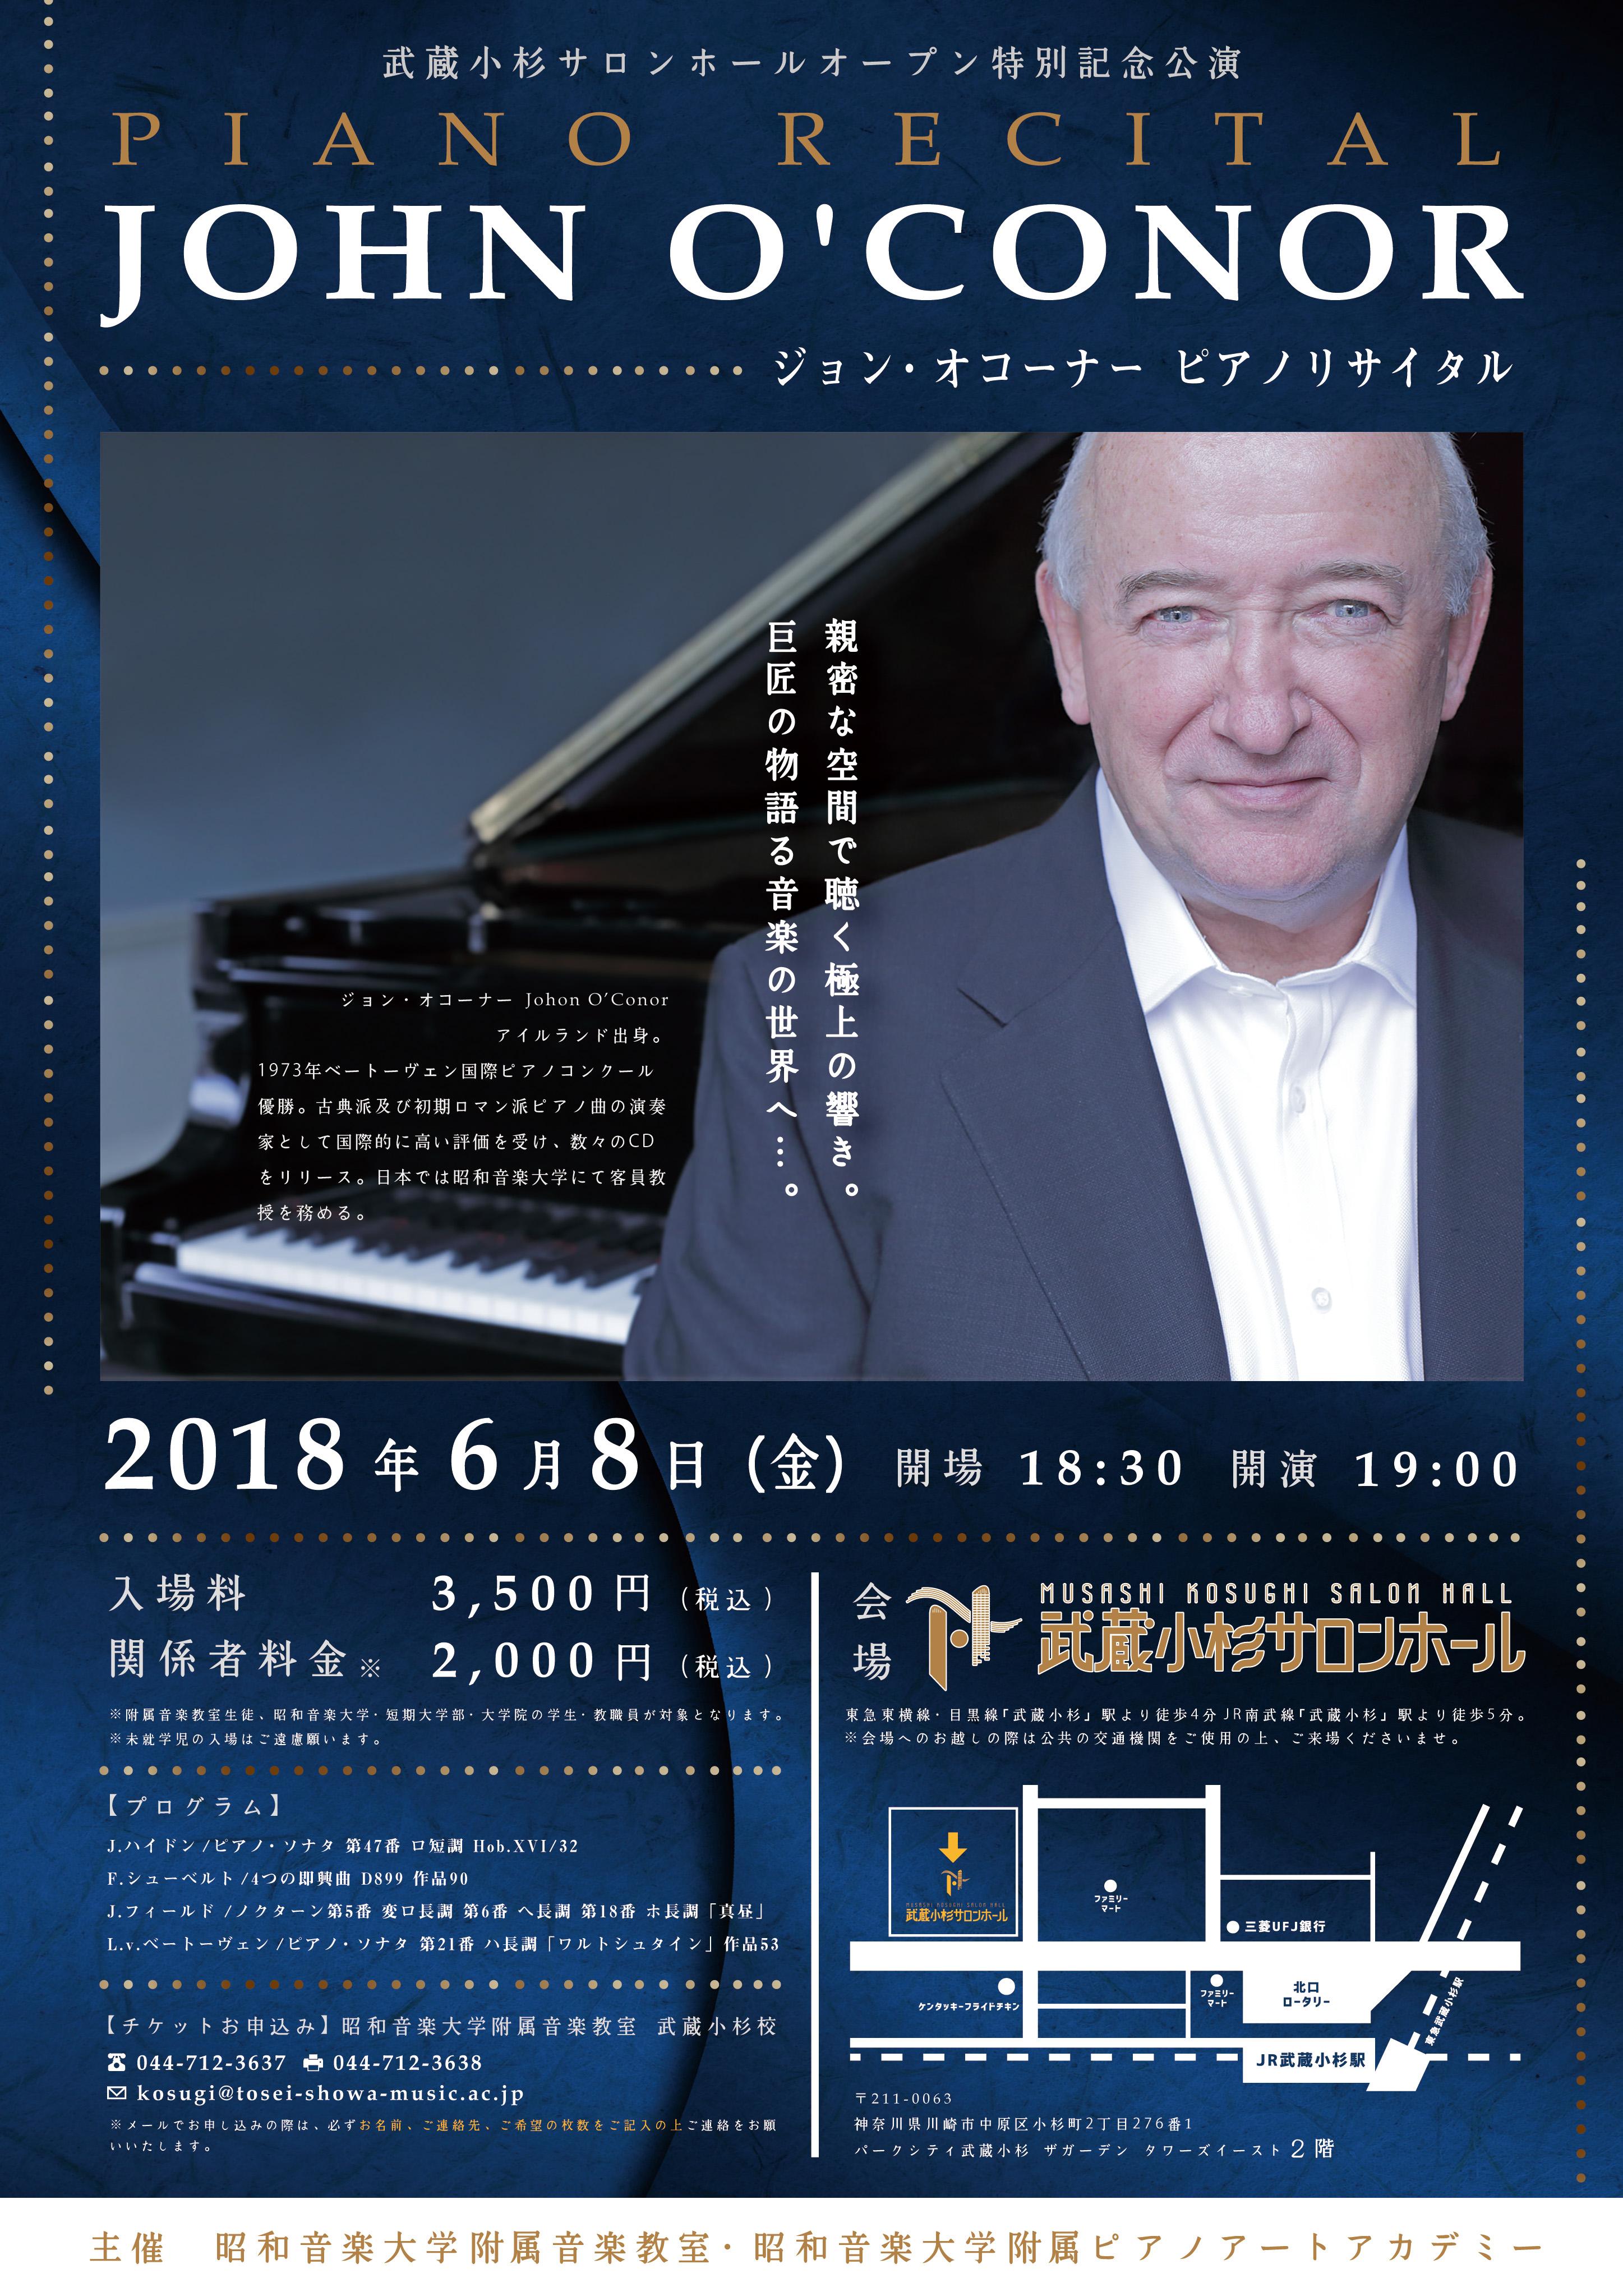 ジョン・オコーナーピアノリサイタル